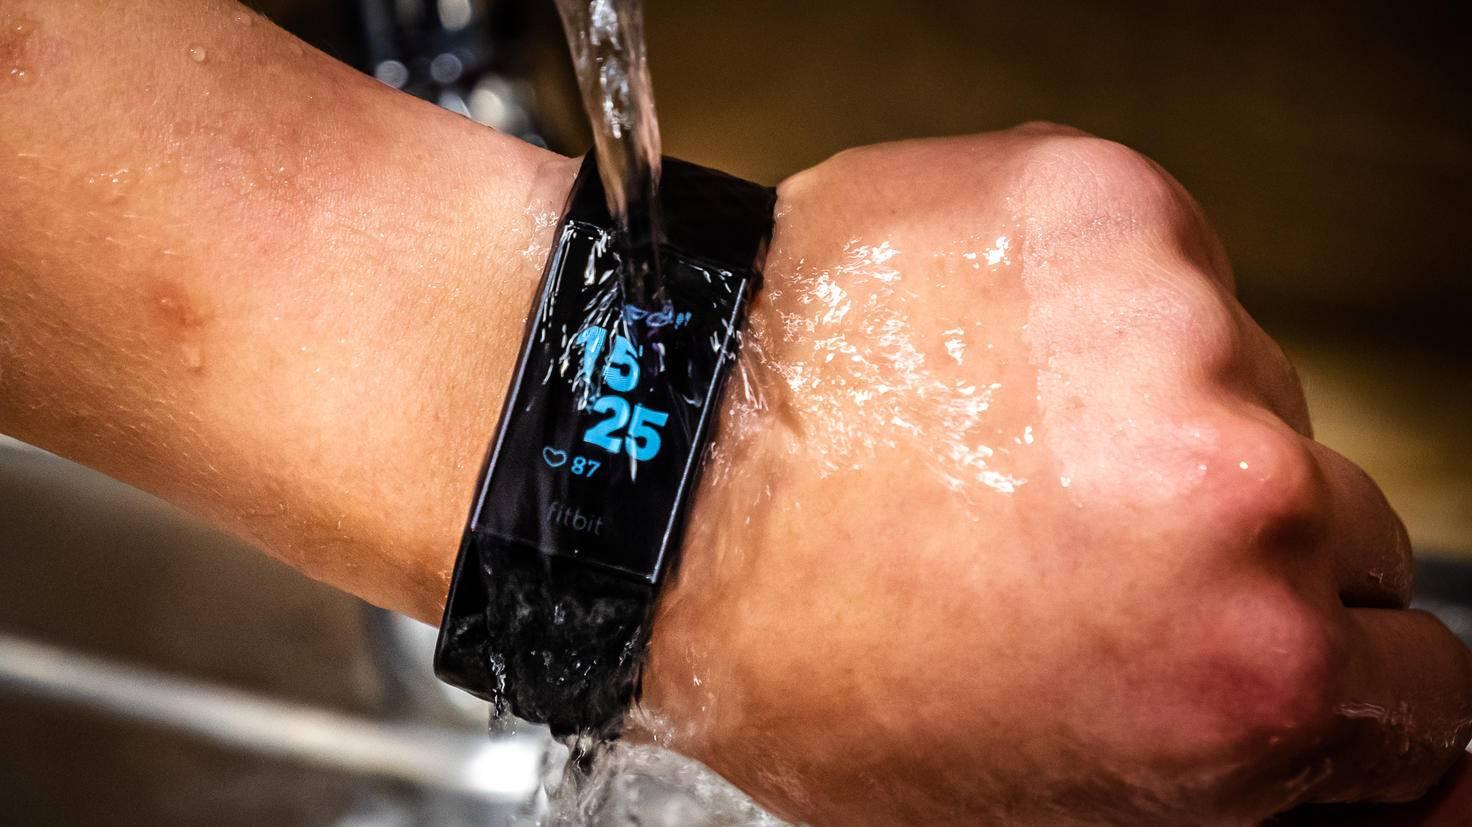 Damit hat der Fitbit Charge 3 inzwischen keine Probleme mehr.